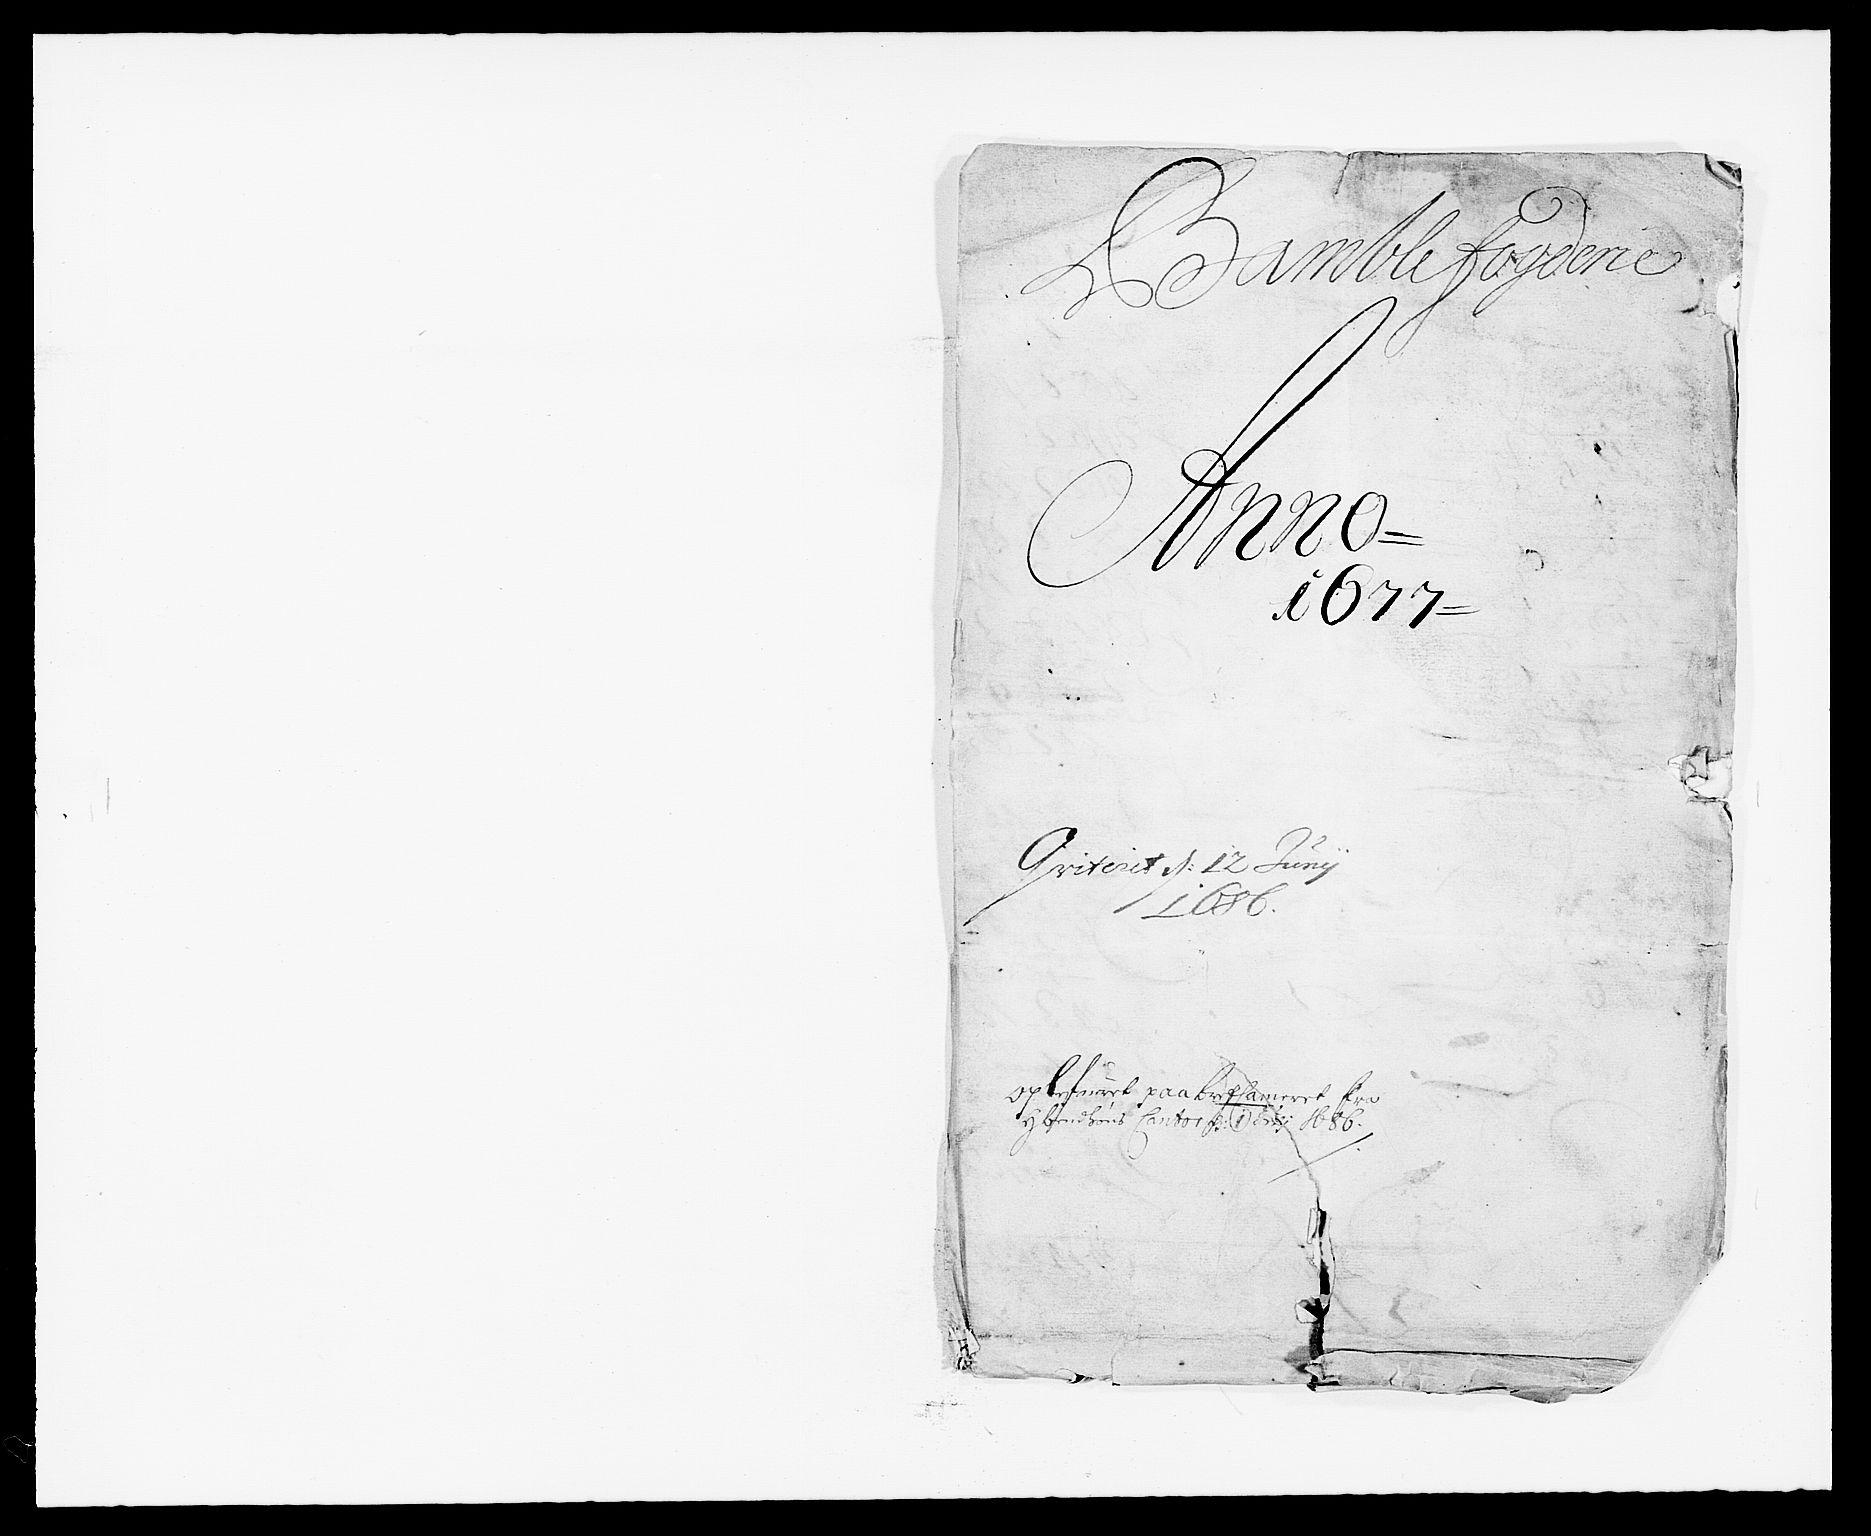 RA, Rentekammeret inntil 1814, Reviderte regnskaper, Fogderegnskap, R34/L2043: Fogderegnskap Bamble, 1676-1677, s. 220